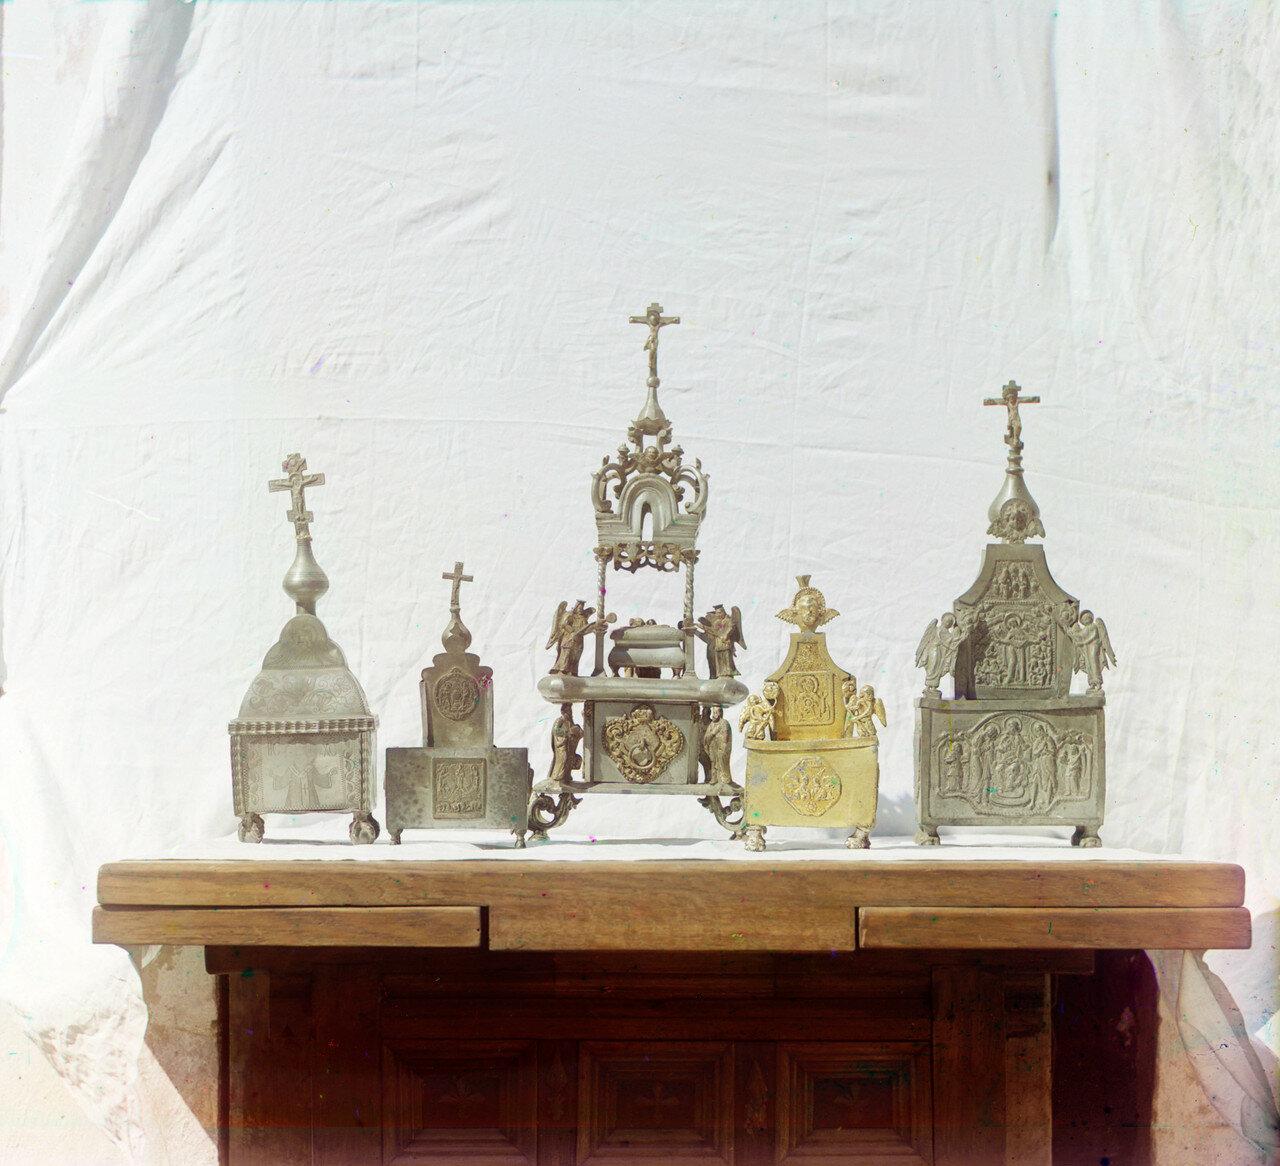 Ростовский музей. Оловянные дарохранительницы и дароносицы XVII - XVIII веков